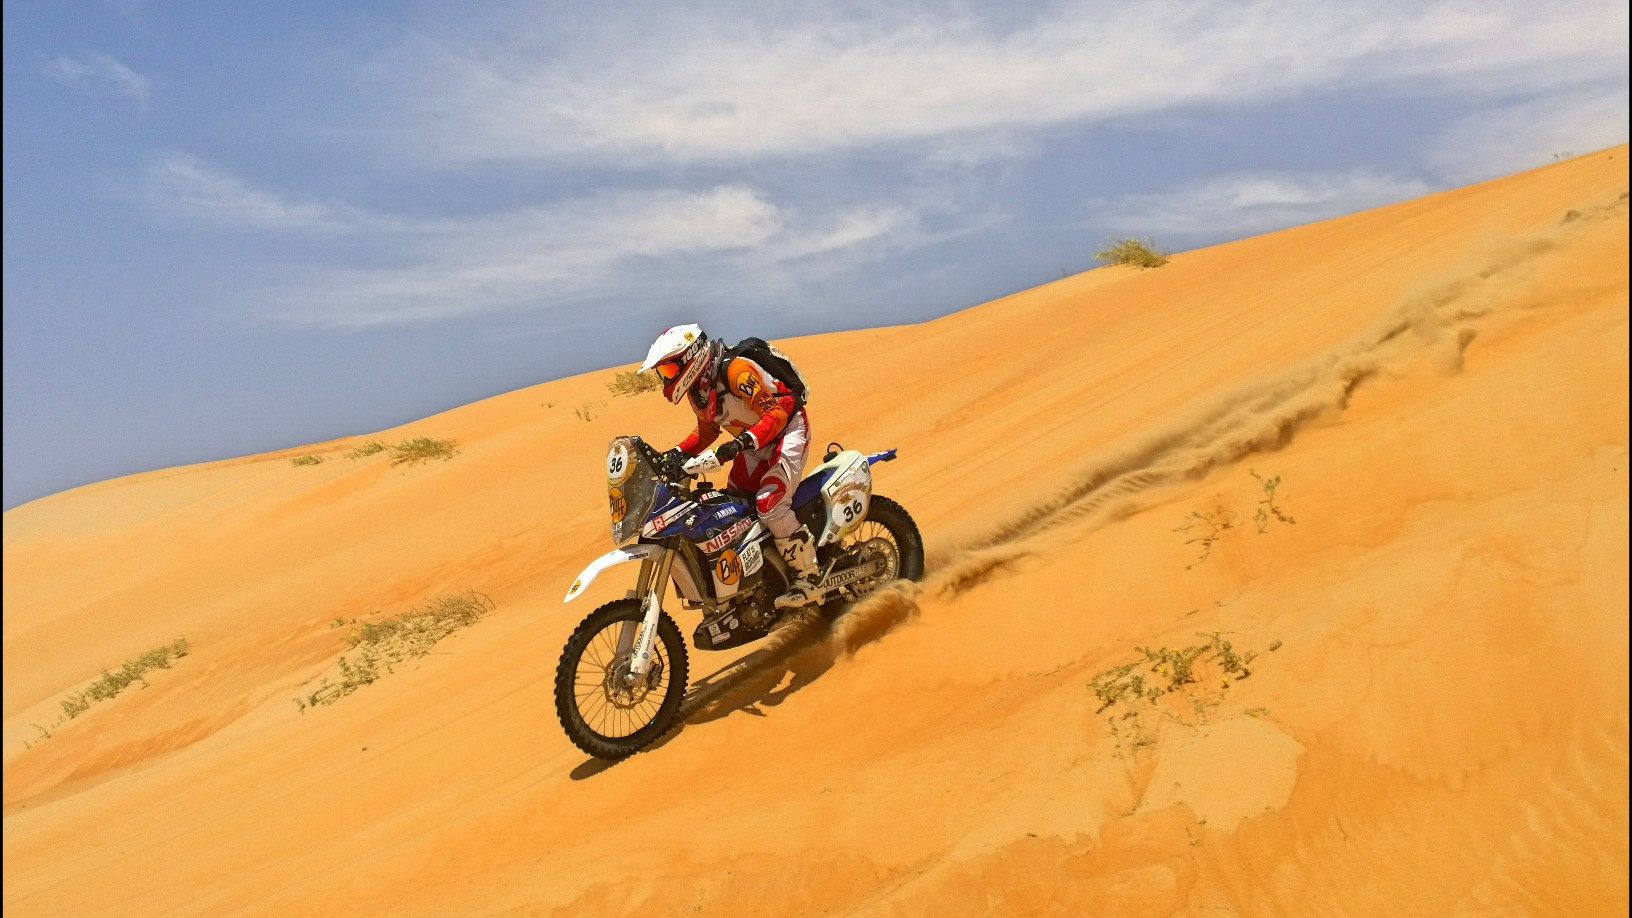 Abu Dhabi Desert Challenge 2015 Yamaha WR450F Rally 29